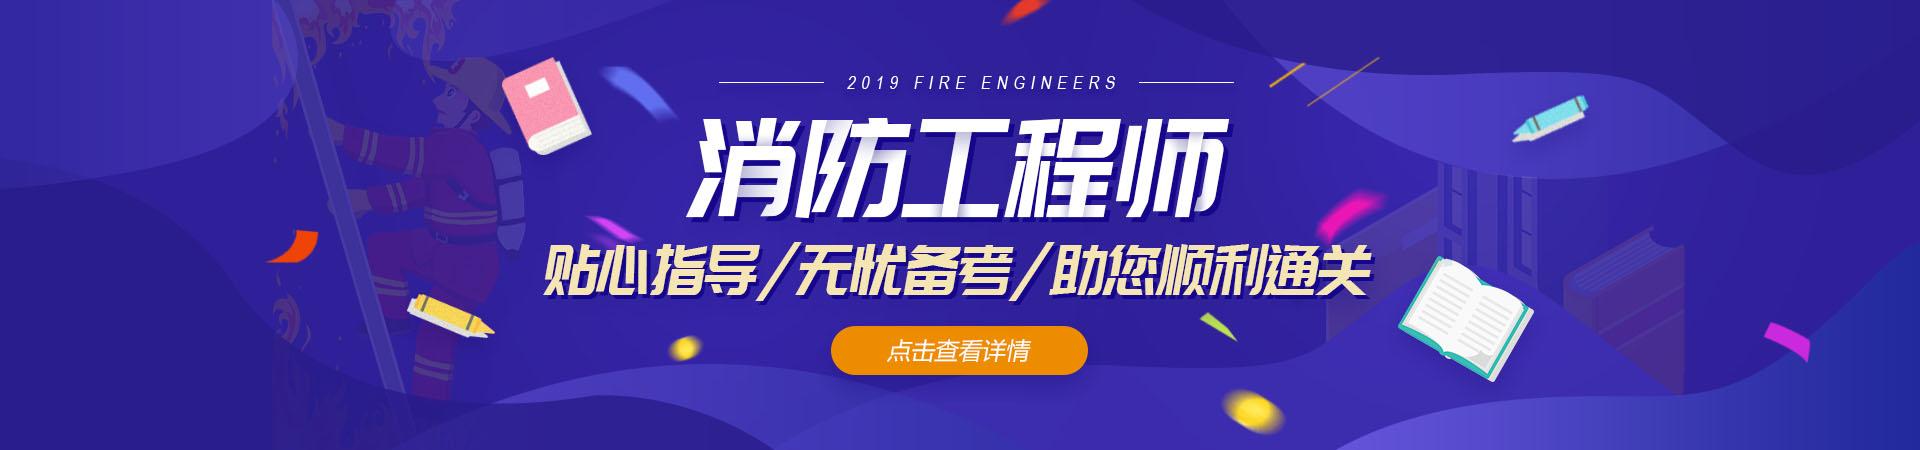 一级消防工程师学习